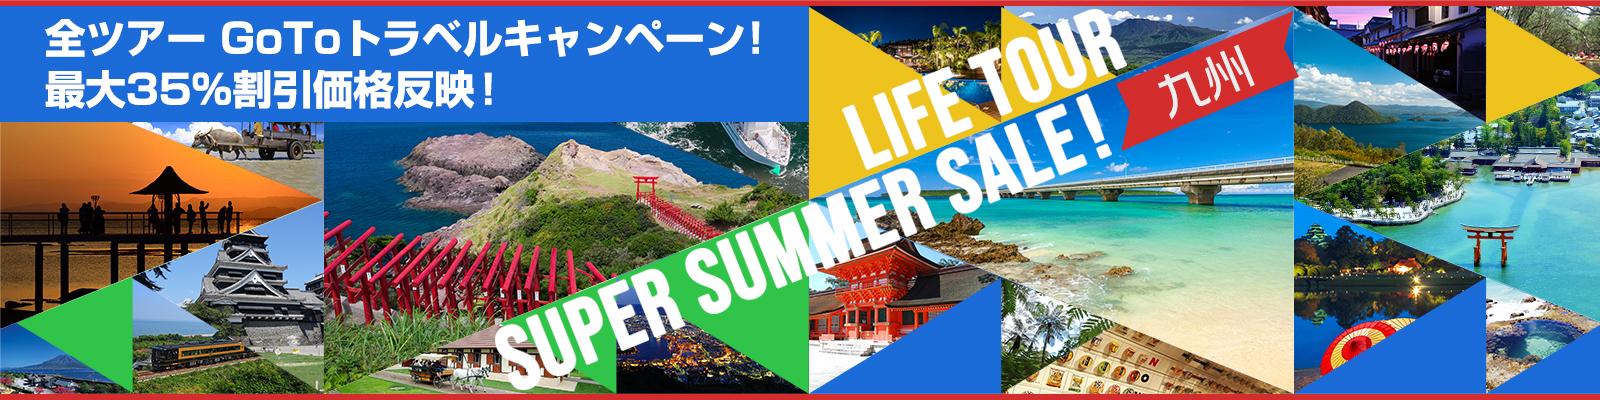 九州 スーパーサマーセール2020